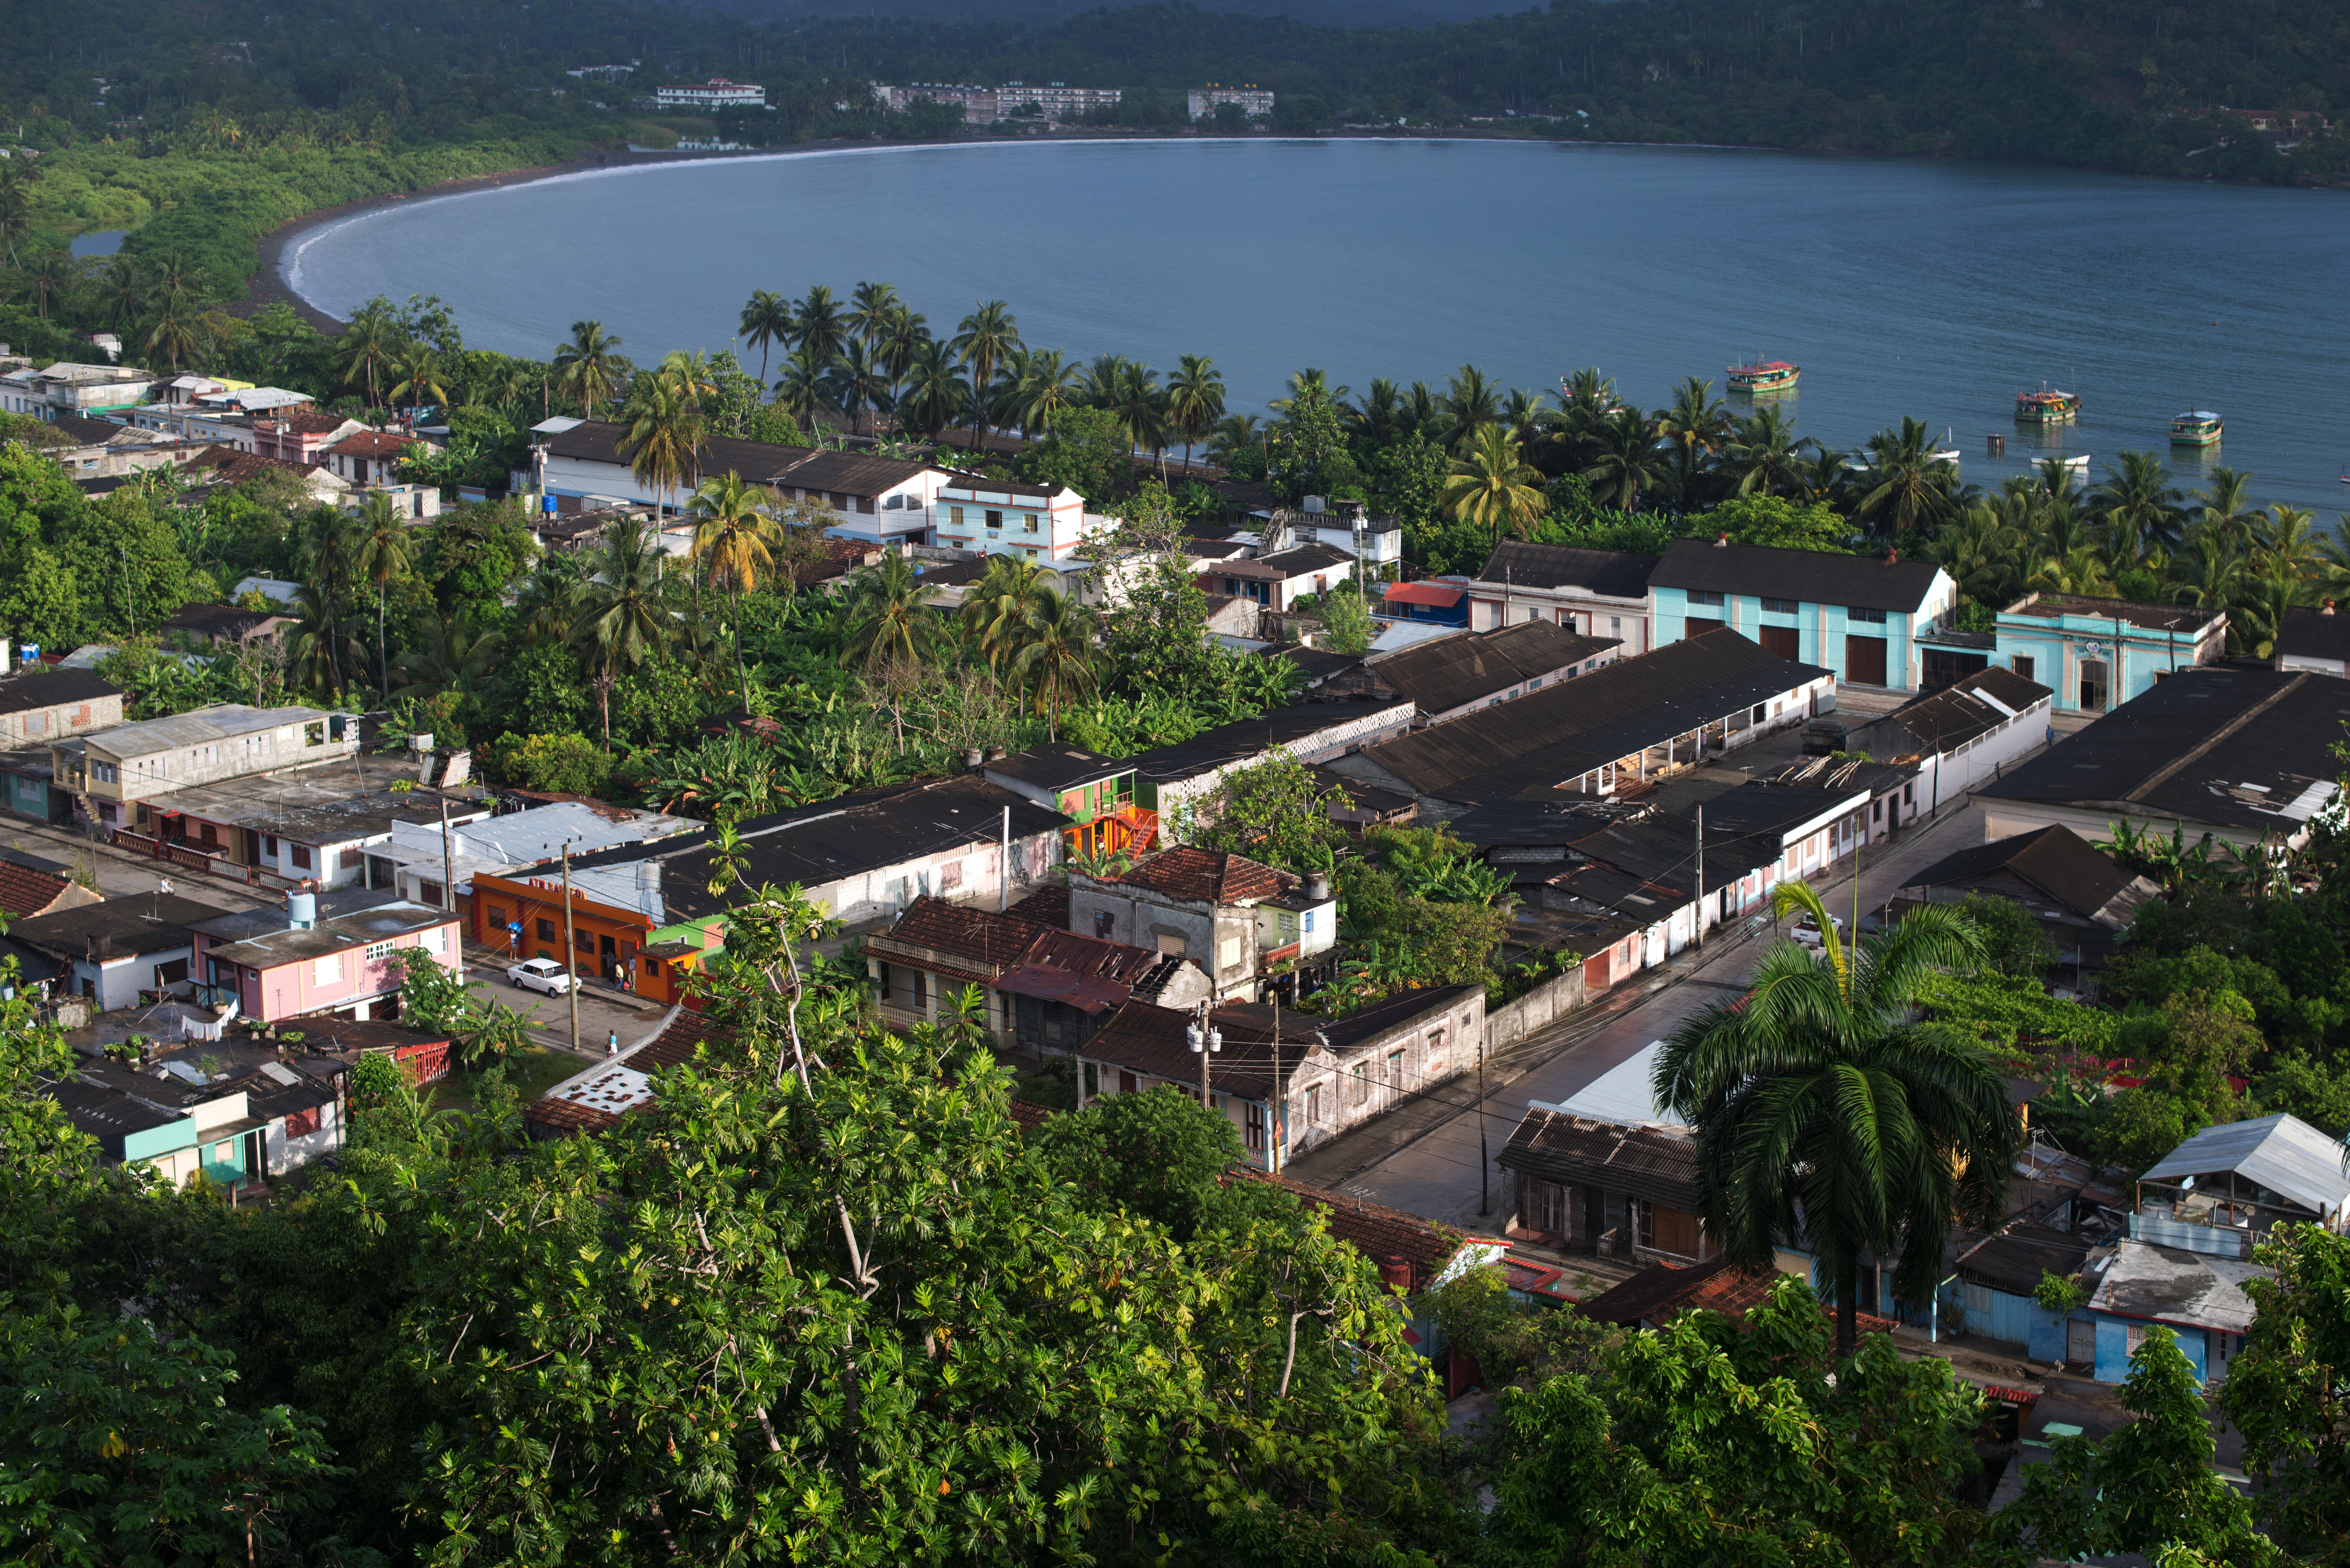 Baracoa_PortoSanto_2782Baracoa_PortoSantolow